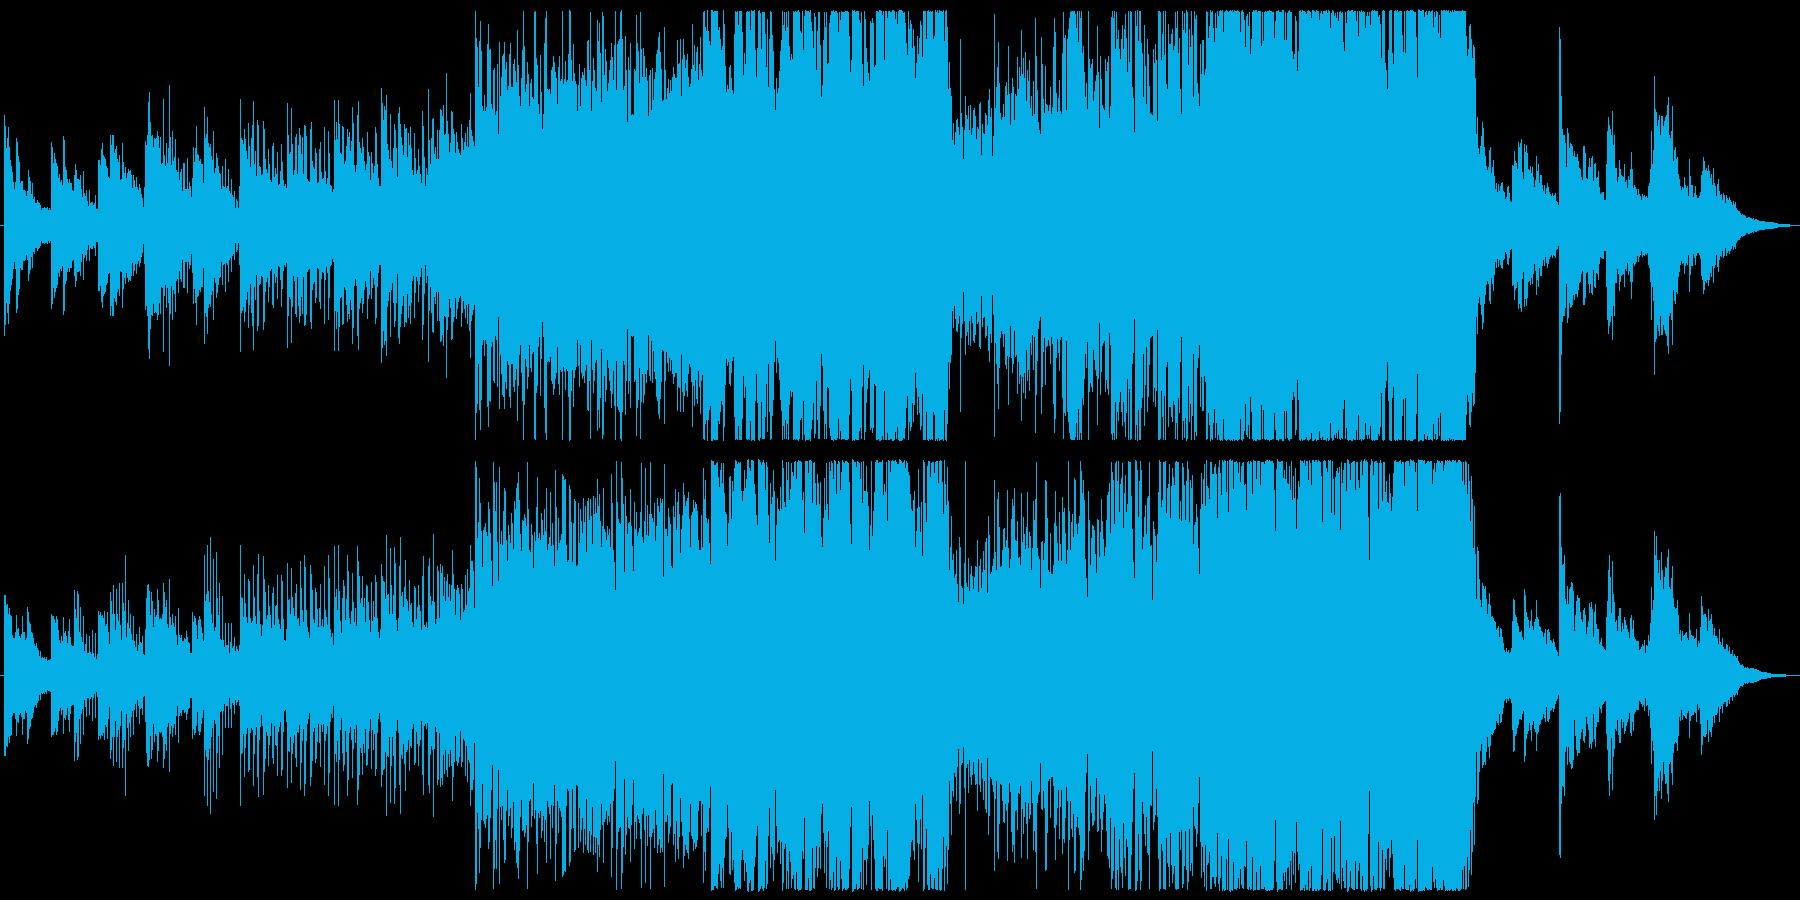 現代的 交響曲 エレクトロ 緊張感...の再生済みの波形